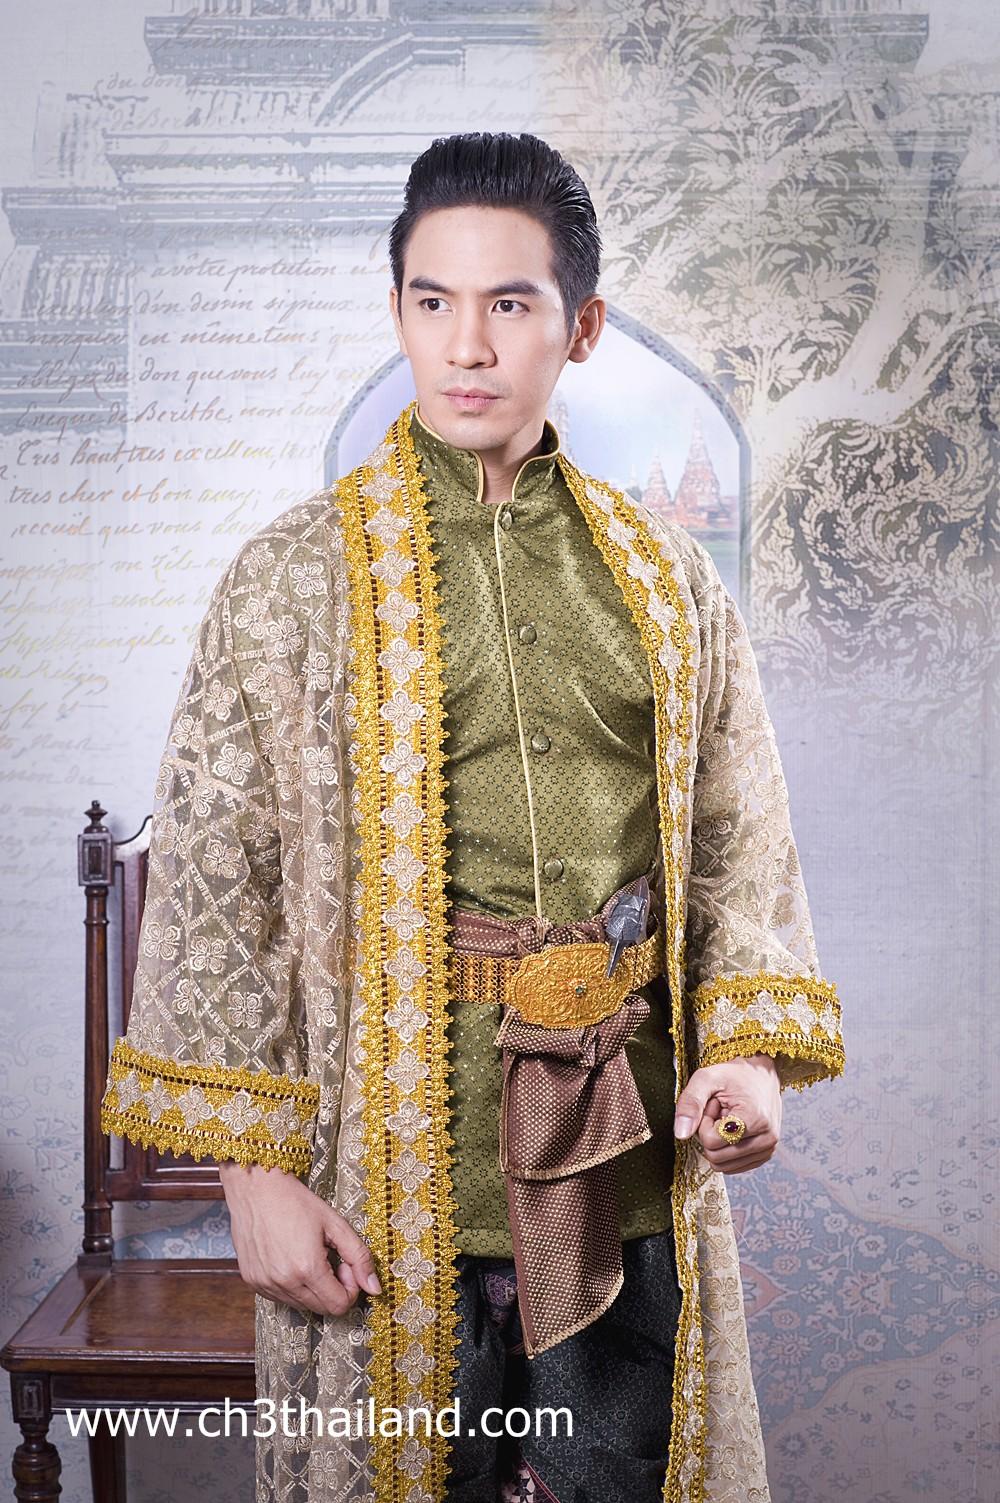 Công thức nhào nặn nên cơn sốt phim Thái Nhân Duyên Tiền Định - Ảnh 3.